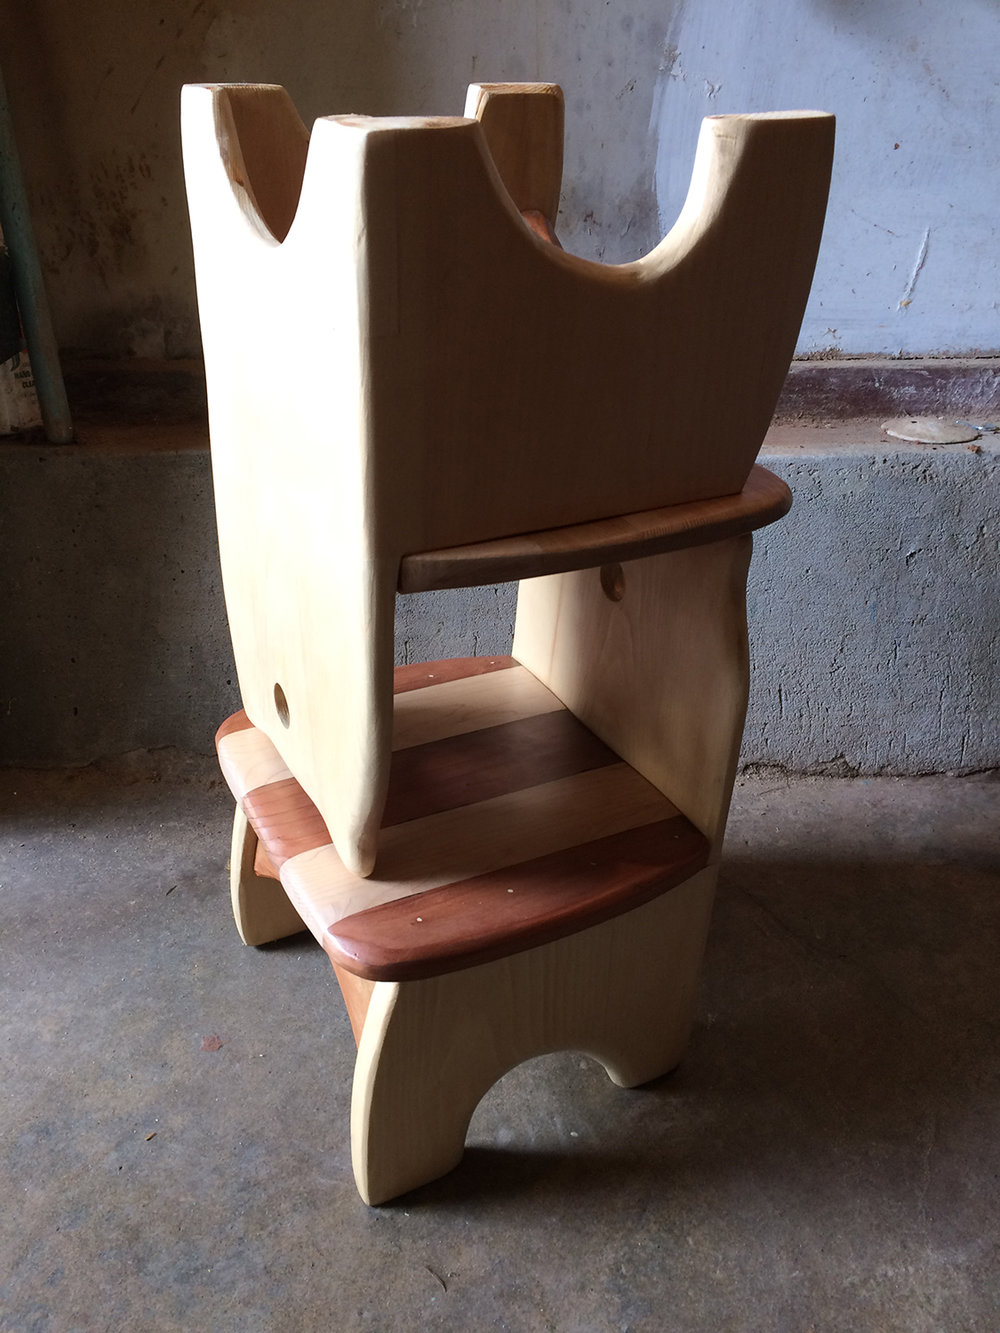 stckedchair.jpg